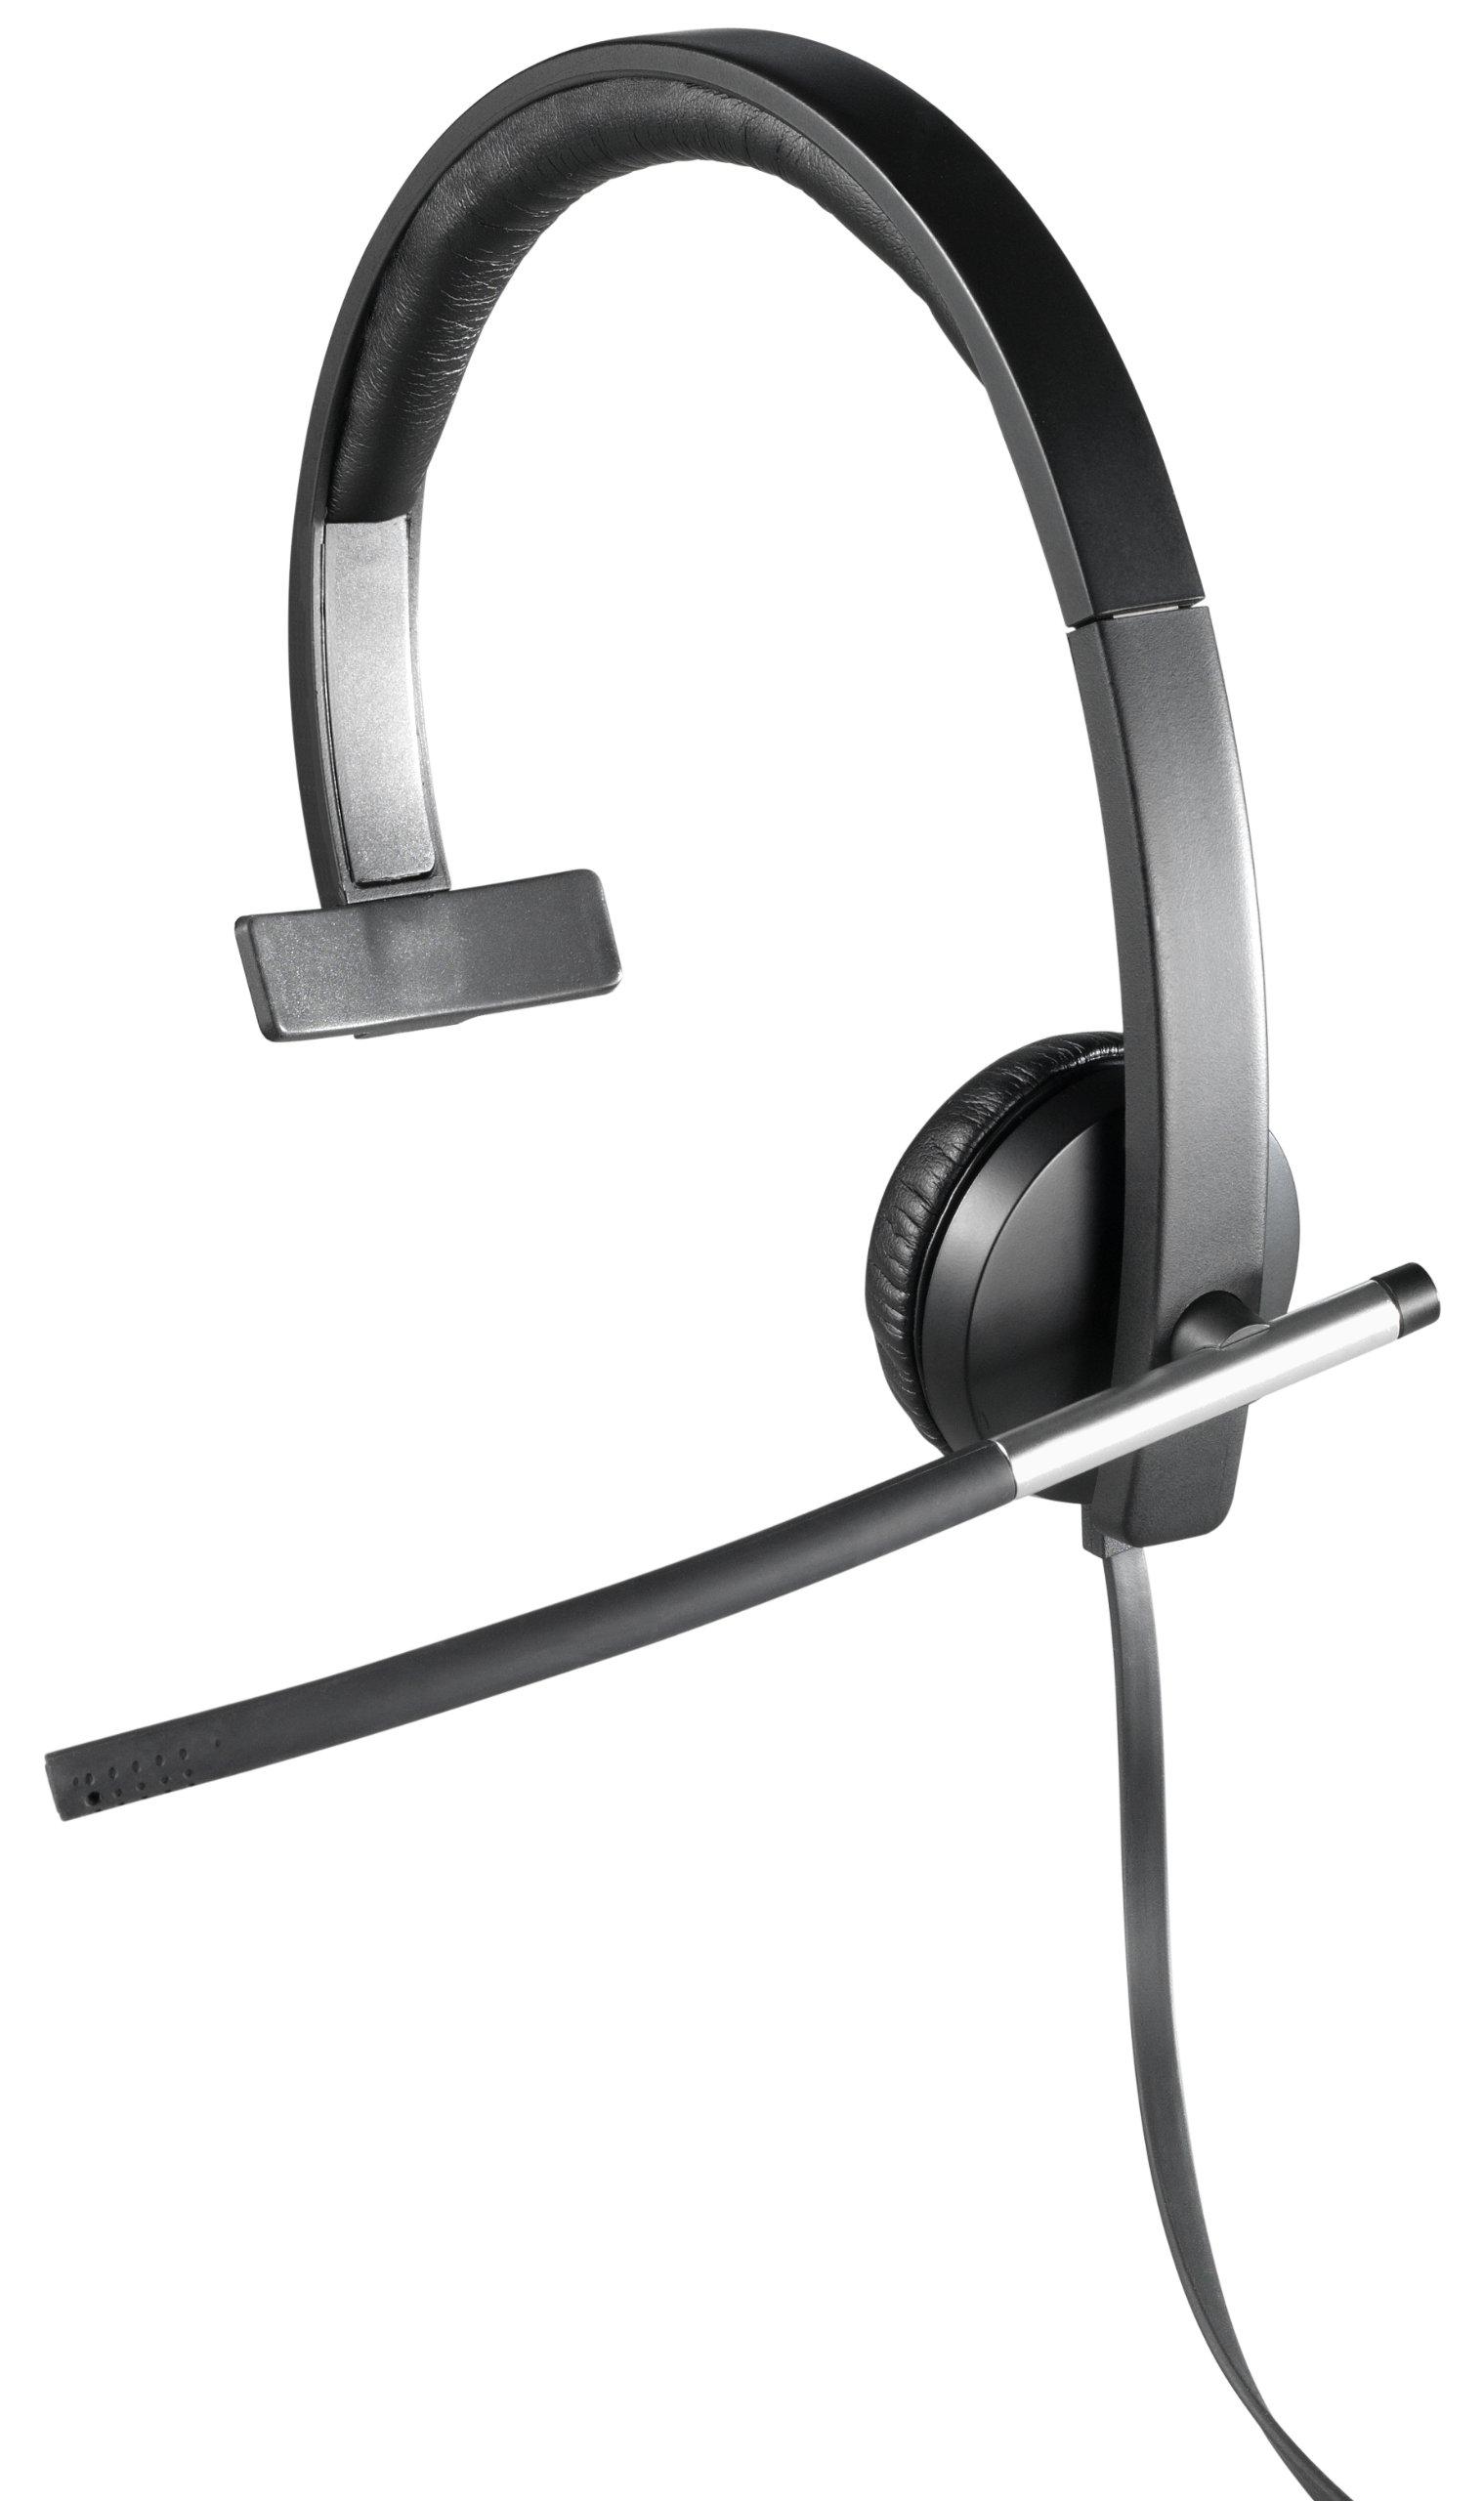 Logitech USB Headset Mono H650e by Logitech